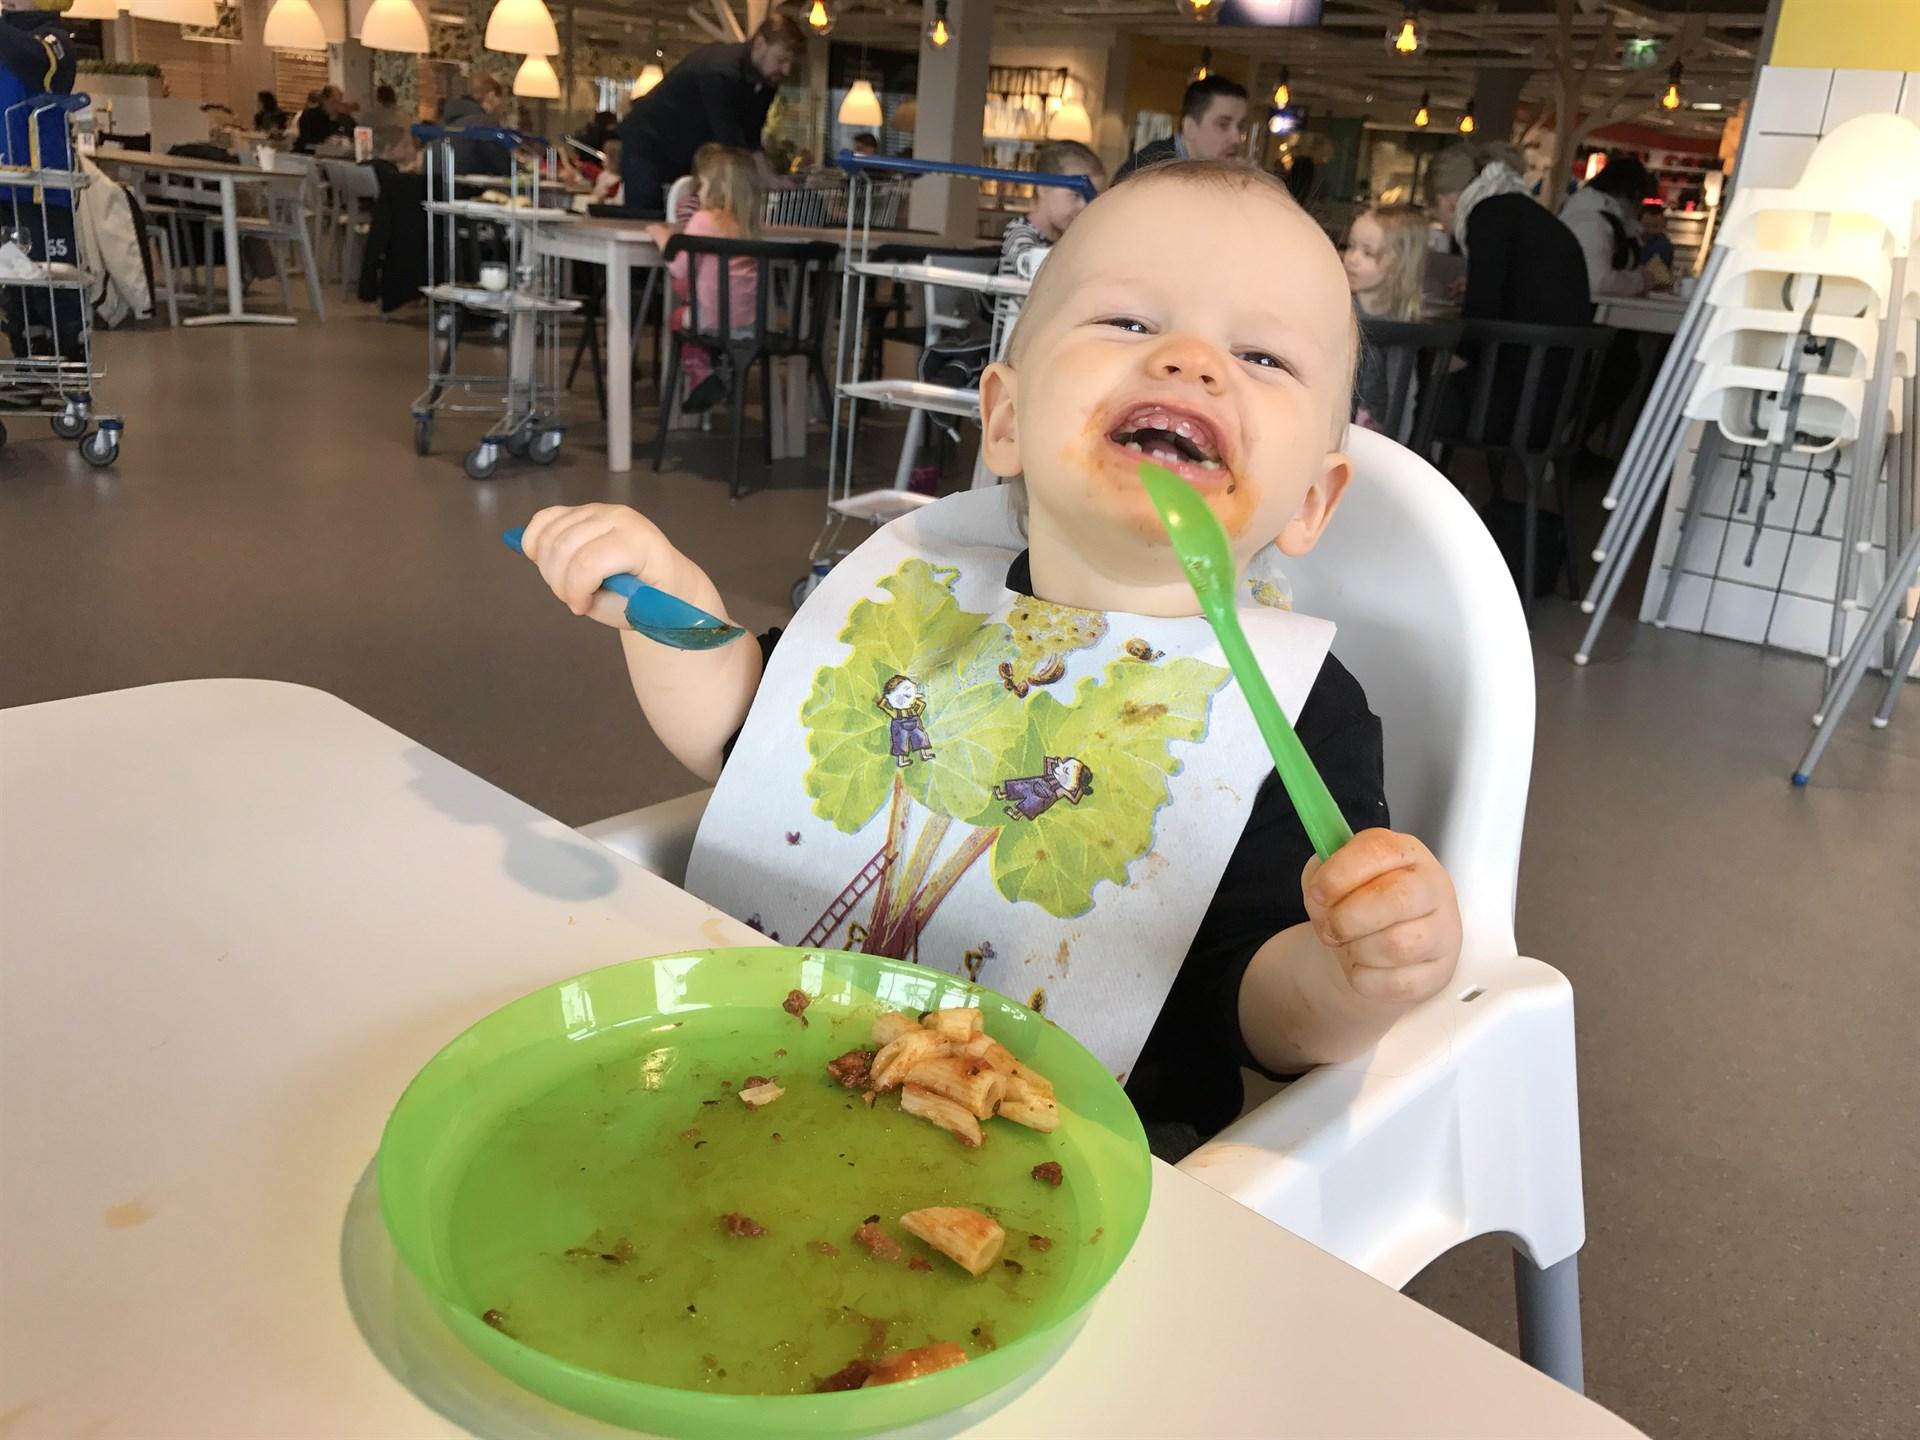 Arvostelu: Ikean ravintolassa on huikea hinta-laatusuhde